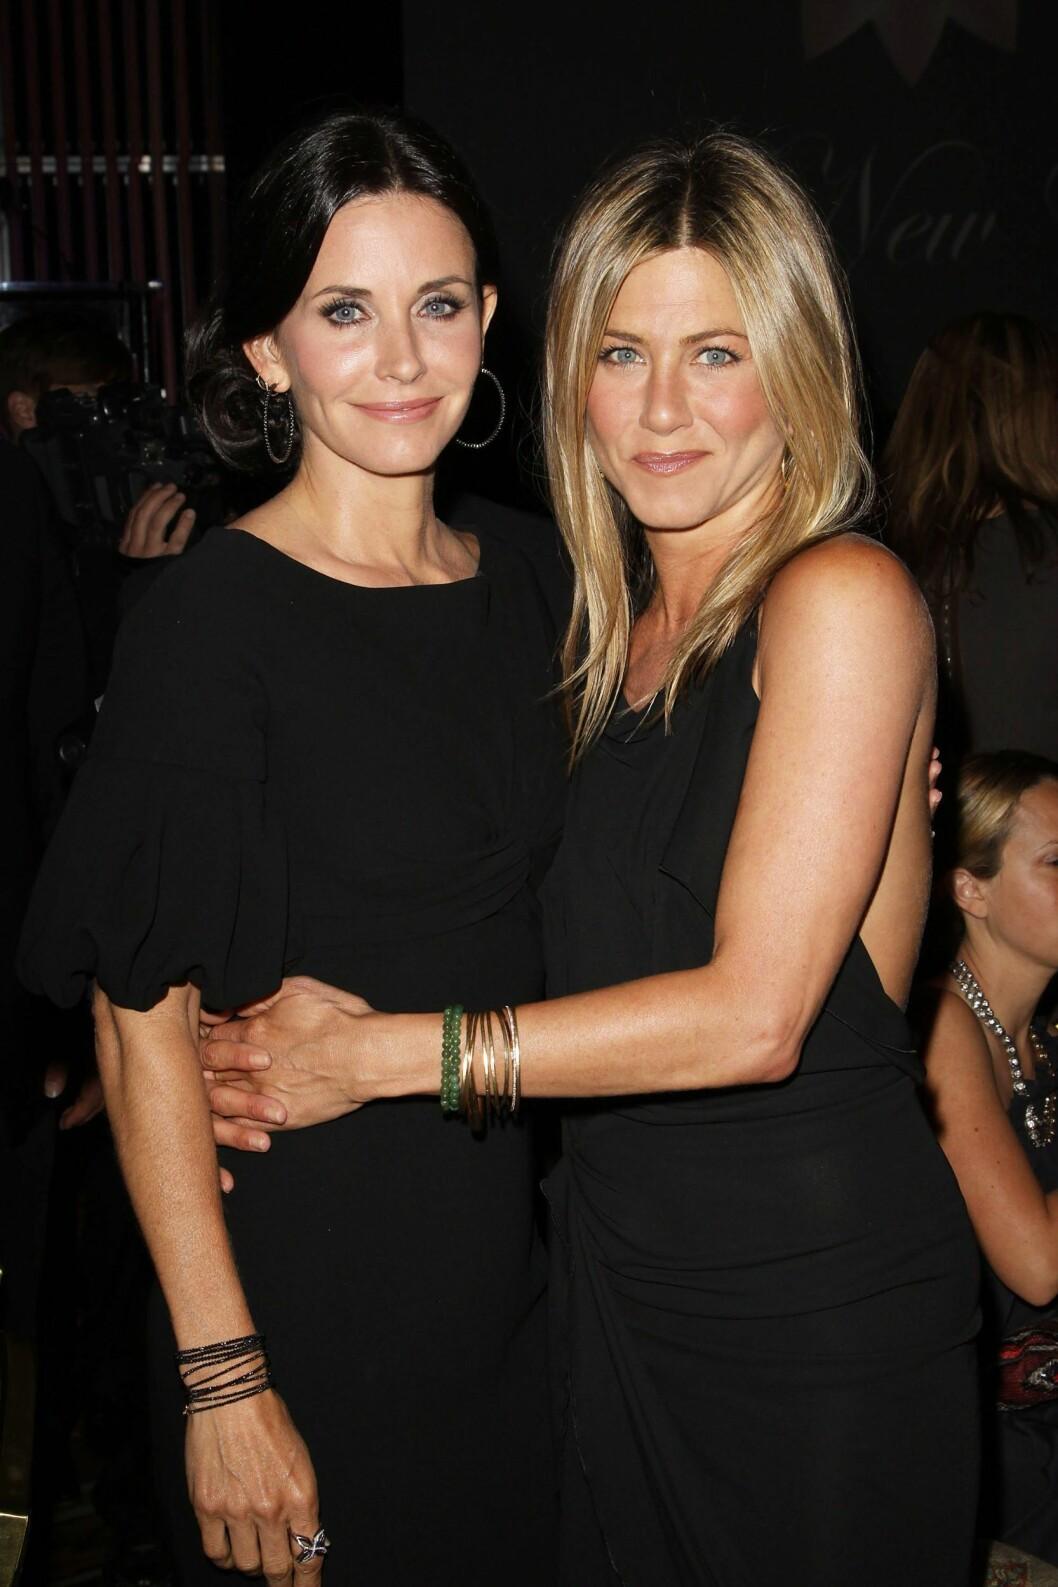 GODE VENNER: Courteney Cox (t.v) ble i hvert fall ikke avspist i Jennifer Anistons bryllup. Cox skal ha vært forlover for venninnen, som hun her er avbildet med på Crystal + Lucy Awards i 2010.  Foto: wenn.com